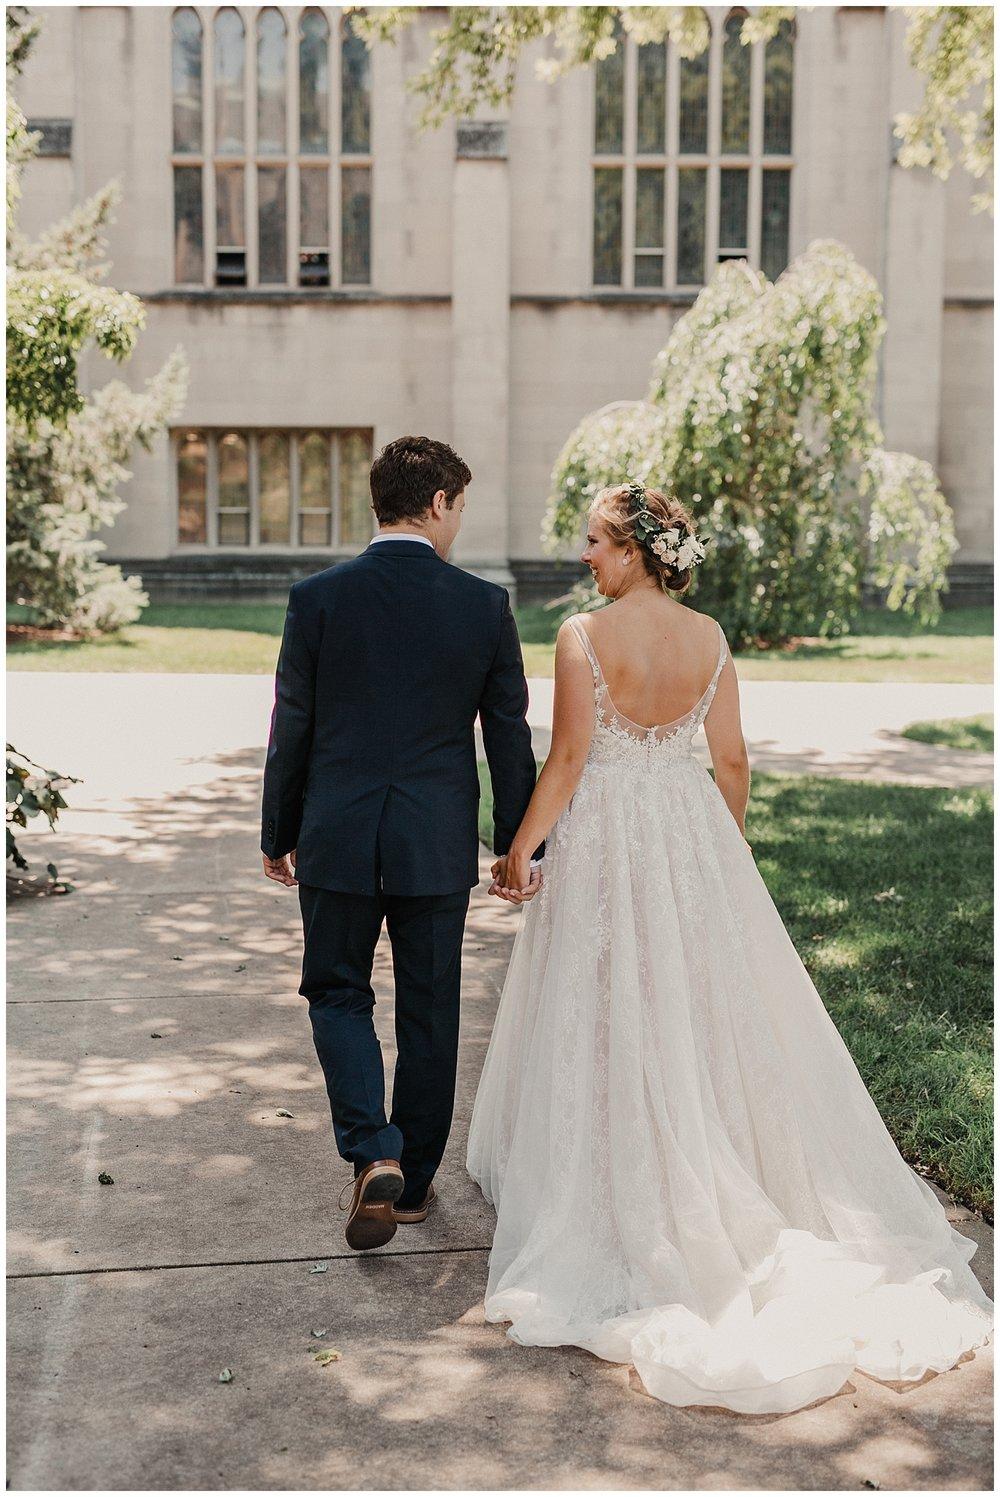 lindybeth photography - sievers wedding - hope college - boatwerks - blog-65.jpg